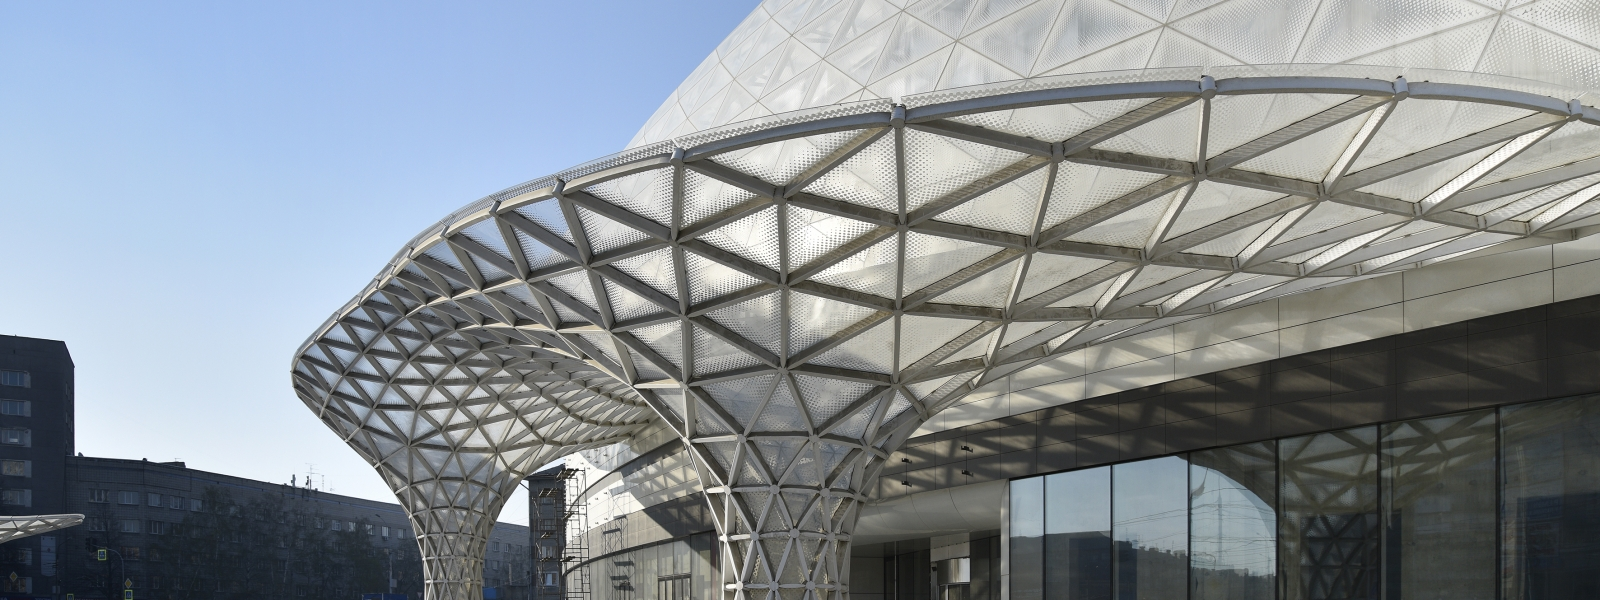 work-ОБЛАКО. Пространственная конструкция декоративного фасада, входной группы и куполов ТК «Европейский» по адресу: Новосибирск, ул. Танковая 2